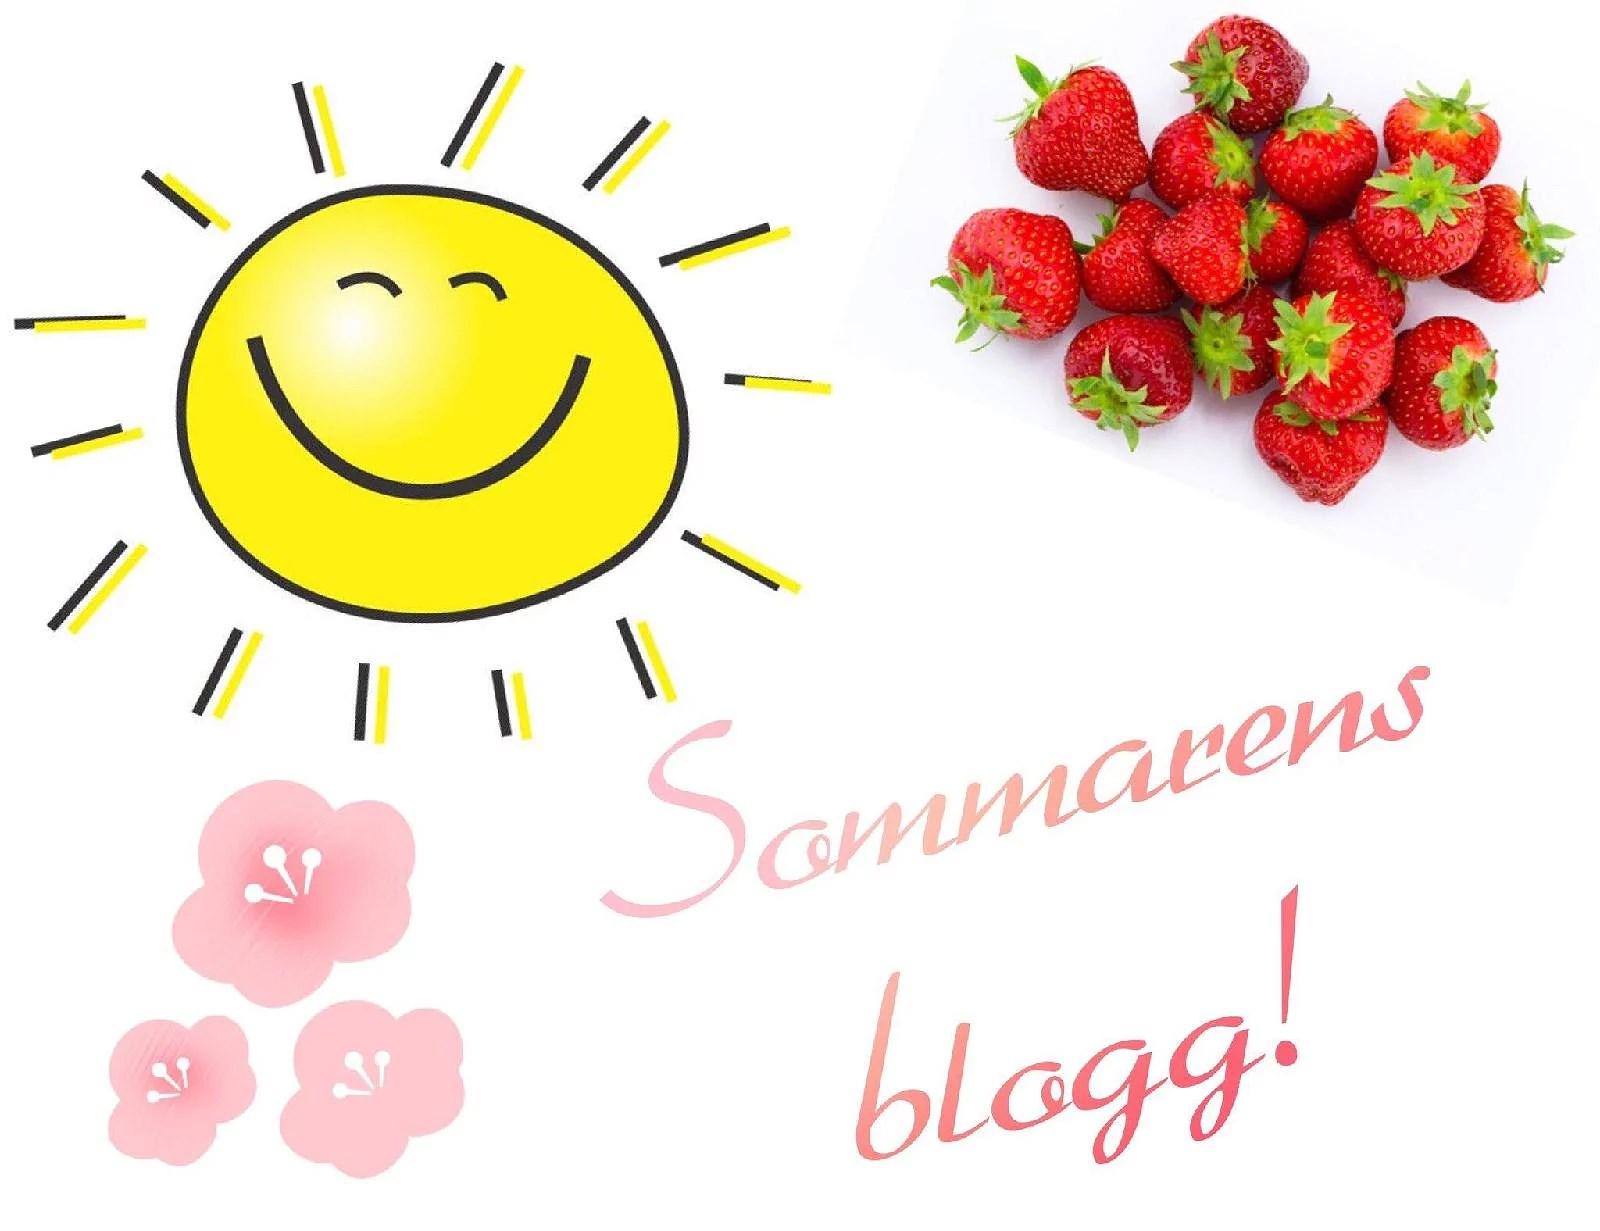 Sommaren blogg, dags att nominera!